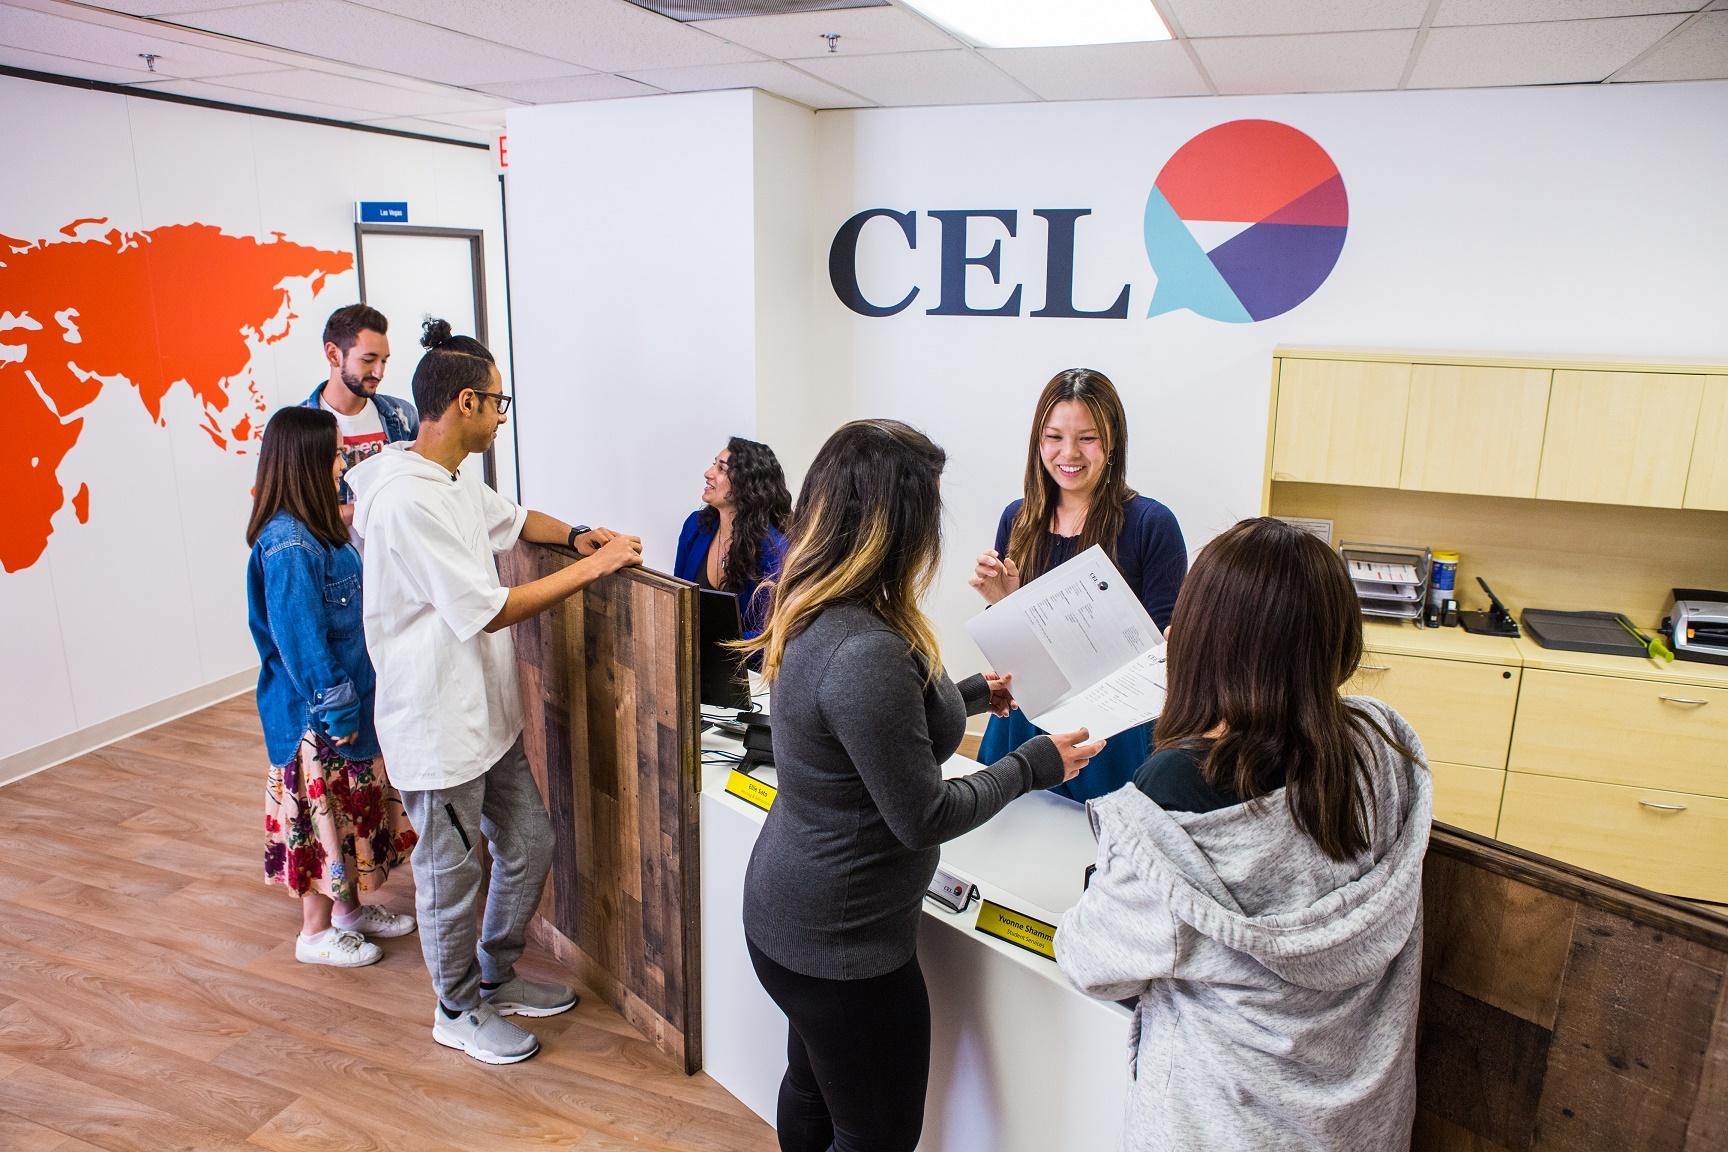 カレッジ・オブ・イングリッシュ・ランゲージ(CEL)サンディエゴ